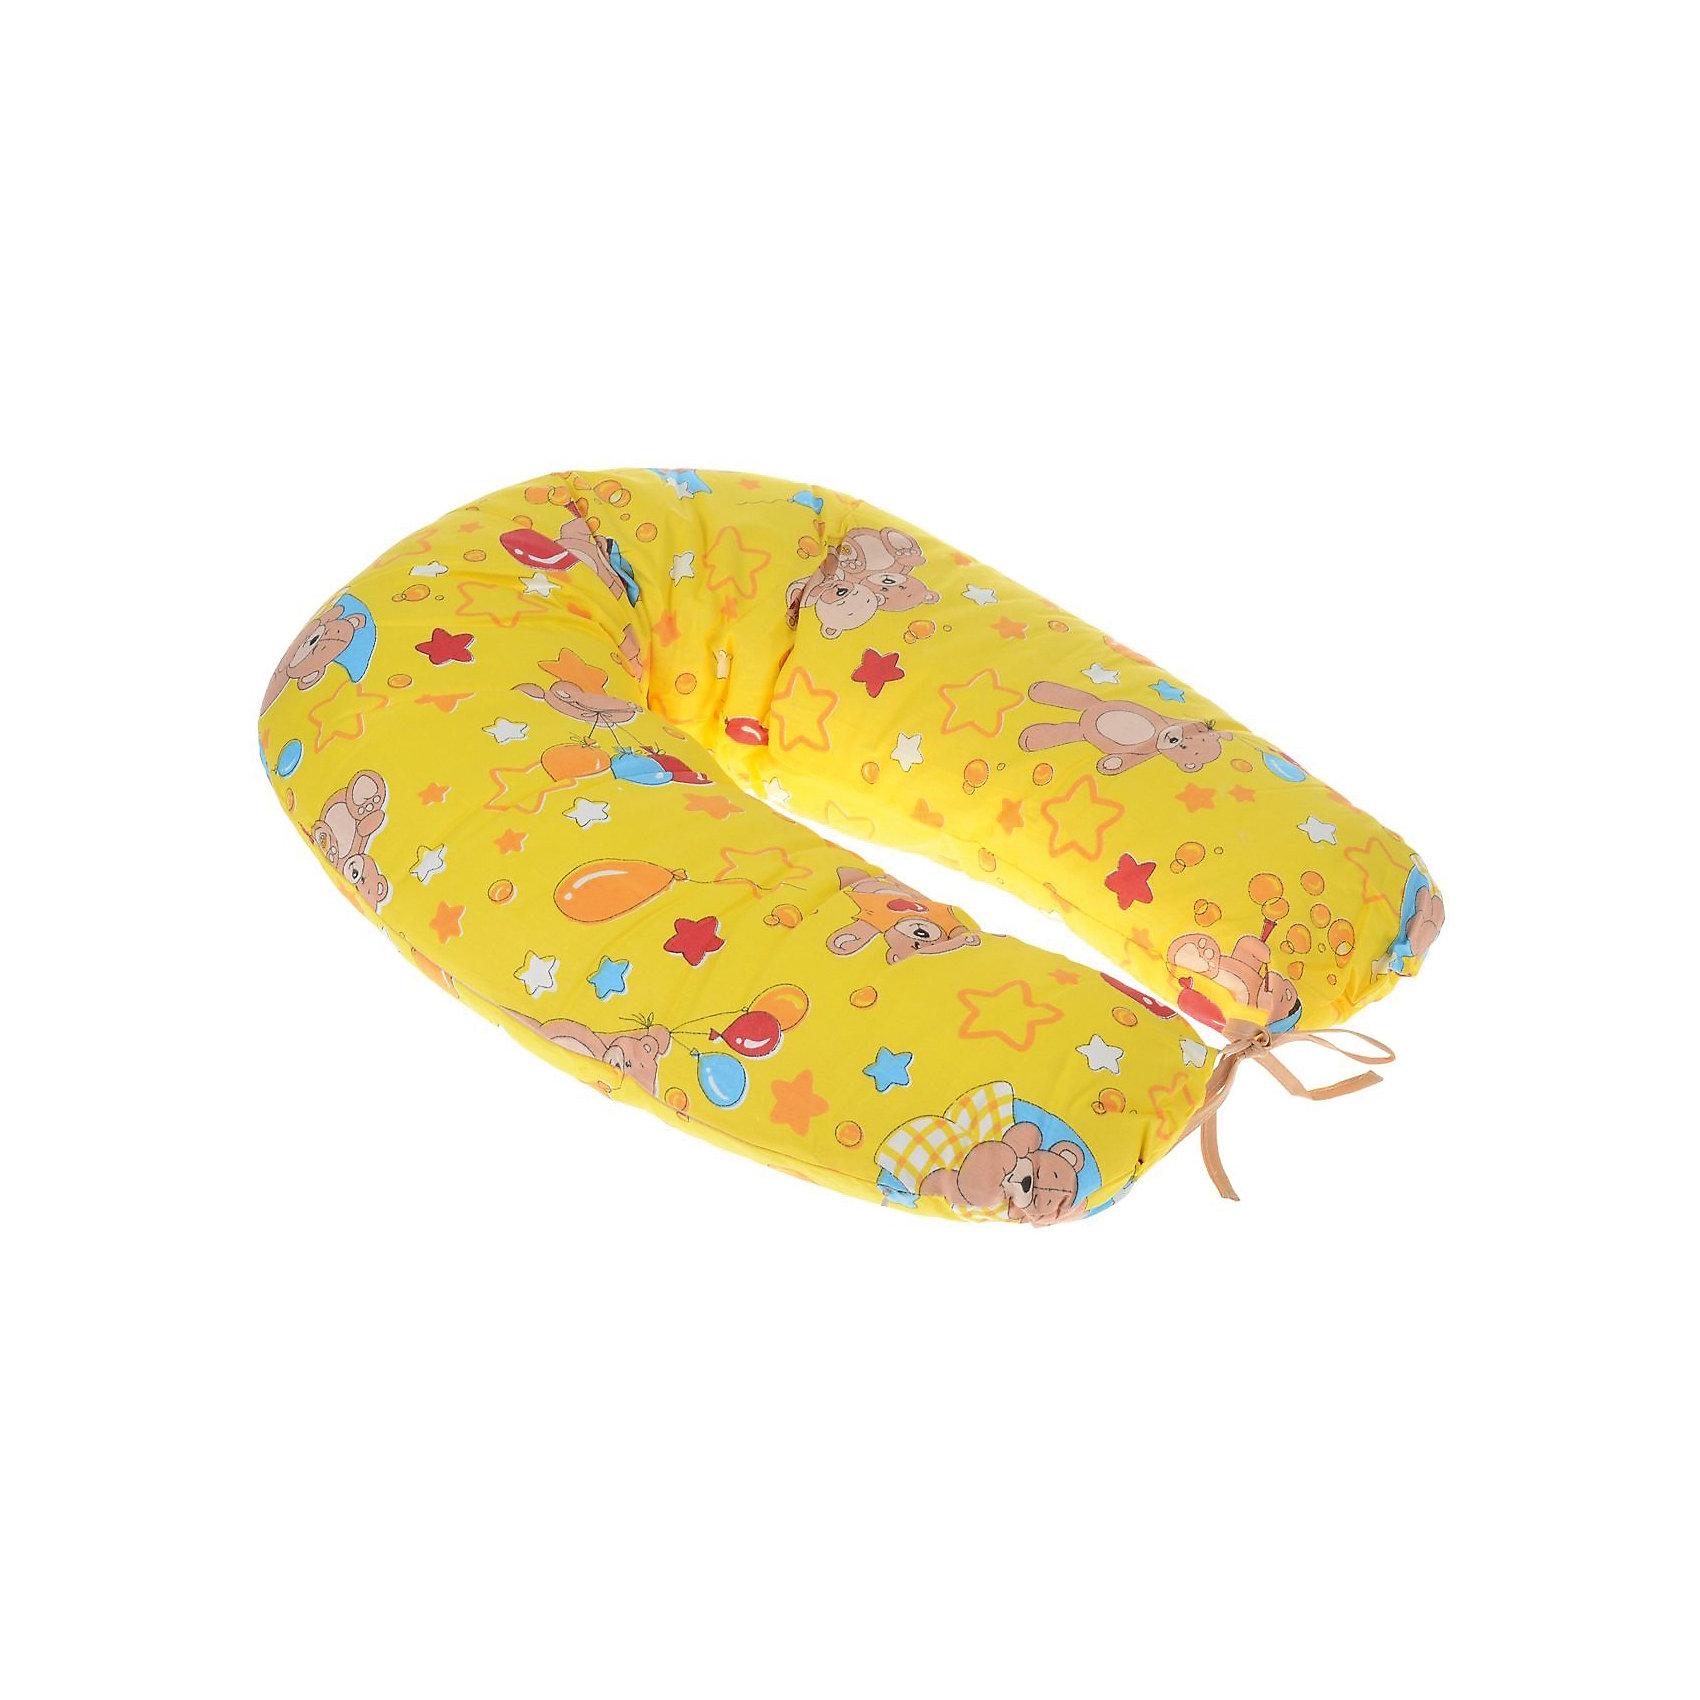 Подушка д/беременных и кормящих женщин, ФЭСТ, желтыйПодушка многофункциональная ФЭСТ обеспечивает комфорт мамы и малыша.<br>В период беременности её удобно использовать, подкладывая под живот или спину.<br>Для уменьшения нагрузки на спину, плечи, руки и шею во время кормления расположите подушку вокруг талии.<br>Для поддержания ребенка в разных положениях и зашиты его от падения следует поместить малыша в центр подушки.<br>Модель со съёмным чехлом из хлопкового полотна (цвет рисунка может отличаться от представленного на фото).<br>Размер: длина 1500 мм, ширина 250 мм<br><br>Ширина мм: 700<br>Глубина мм: 160<br>Высота мм: 490<br>Вес г: 1220<br>Возраст от месяцев: -2147483648<br>Возраст до месяцев: 2147483647<br>Пол: Женский<br>Возраст: Детский<br>SKU: 4915073